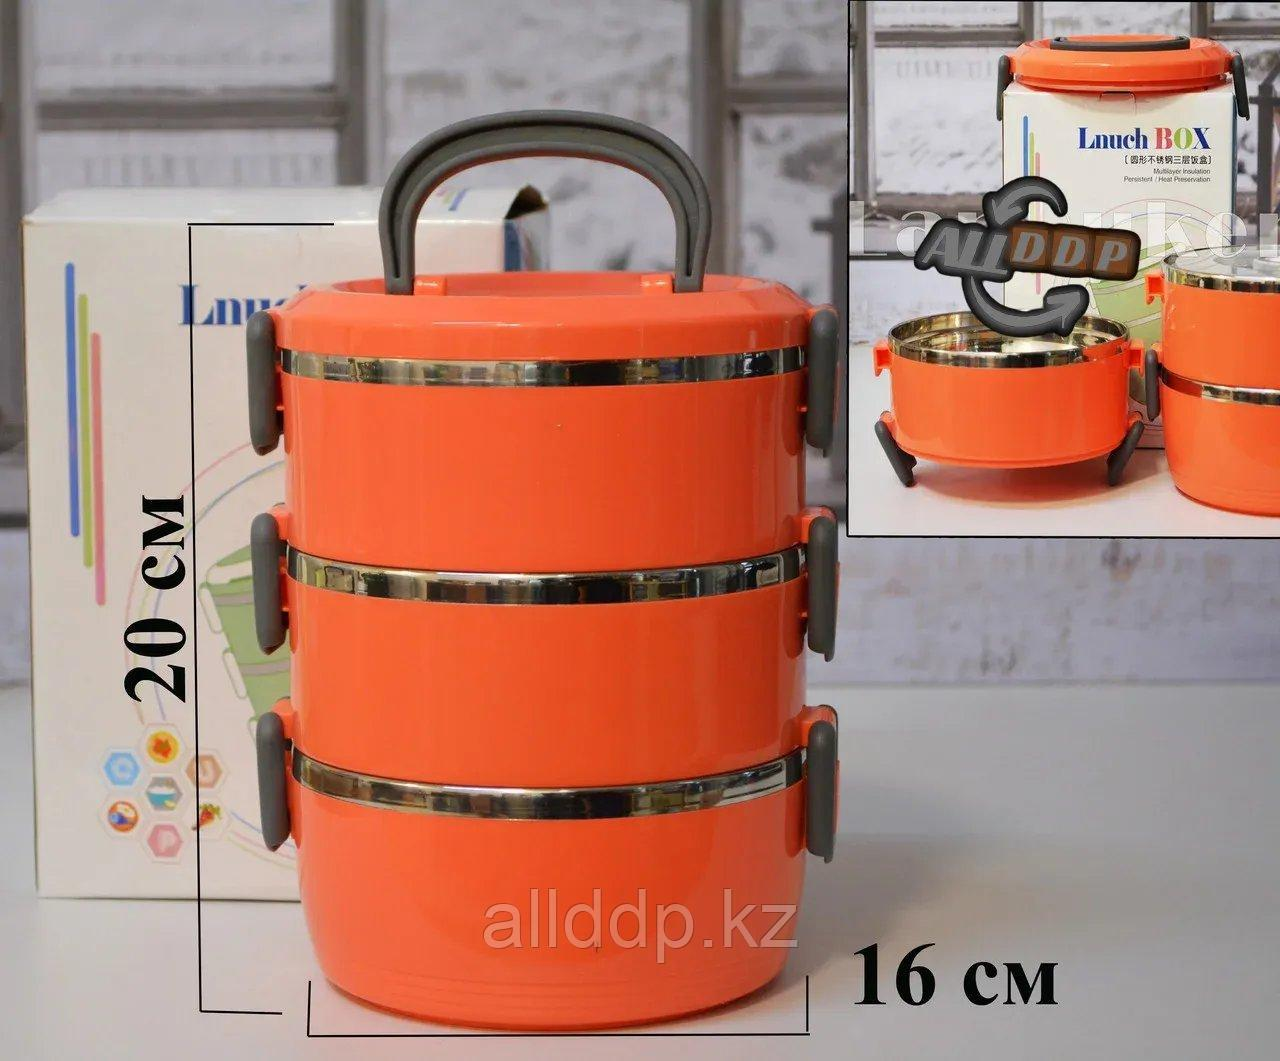 Ланч бокс тройной для еды контейнер пищевой 3 секции в ассортименте JD-90408